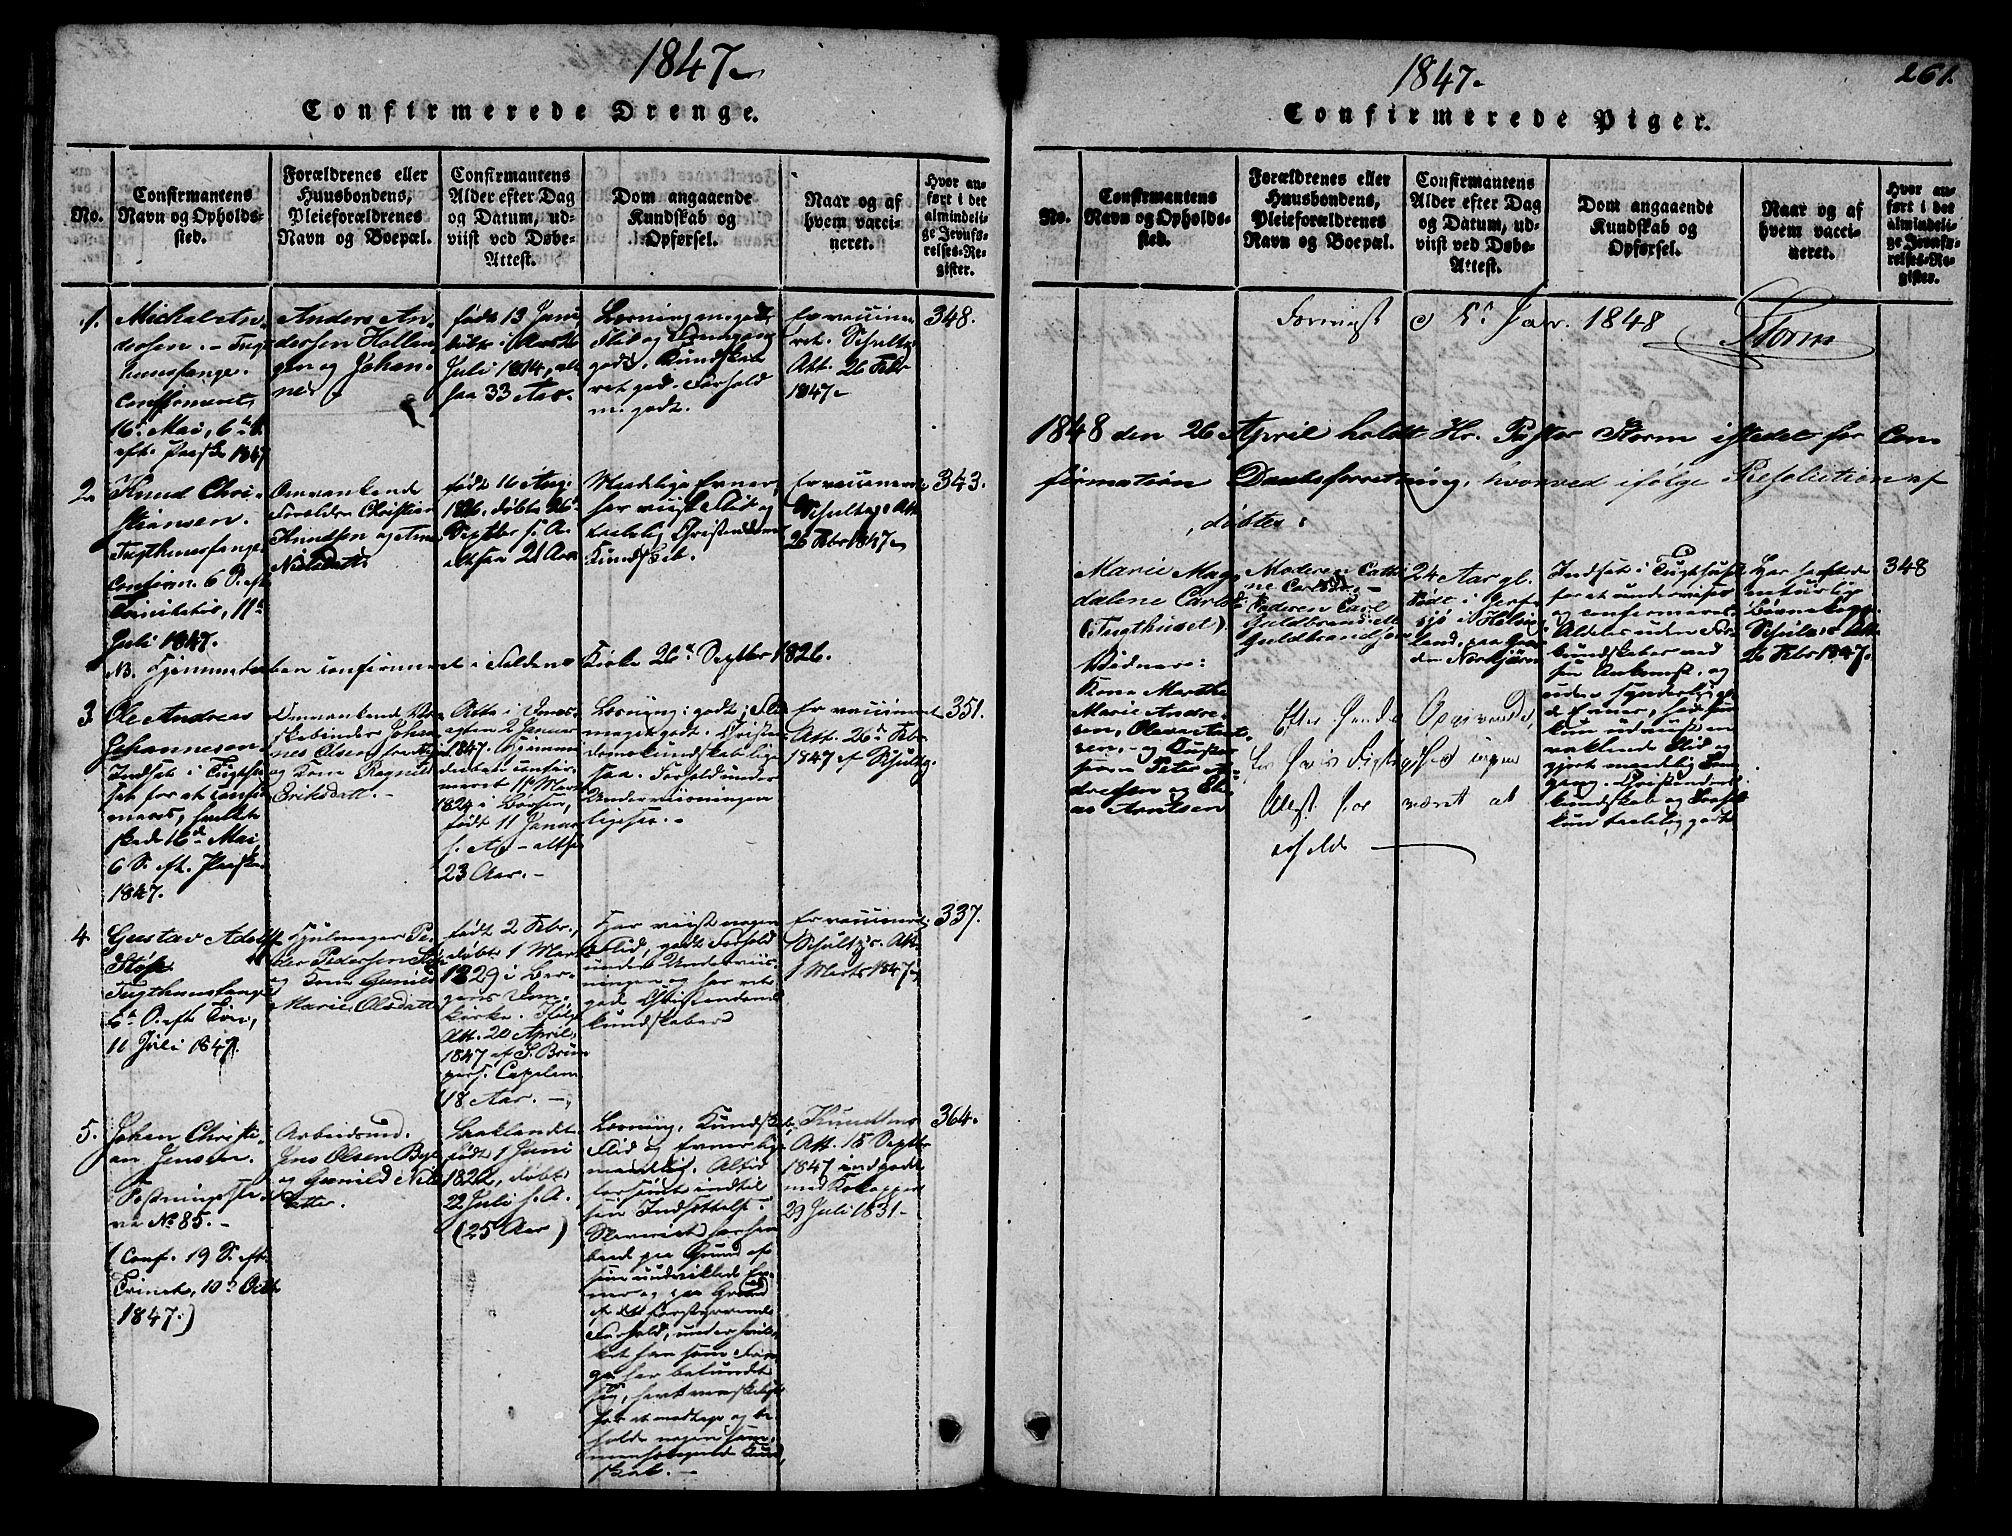 SAT, Ministerialprotokoller, klokkerbøker og fødselsregistre - Sør-Trøndelag, 623/L0478: Klokkerbok nr. 623C01, 1815-1873, s. 261